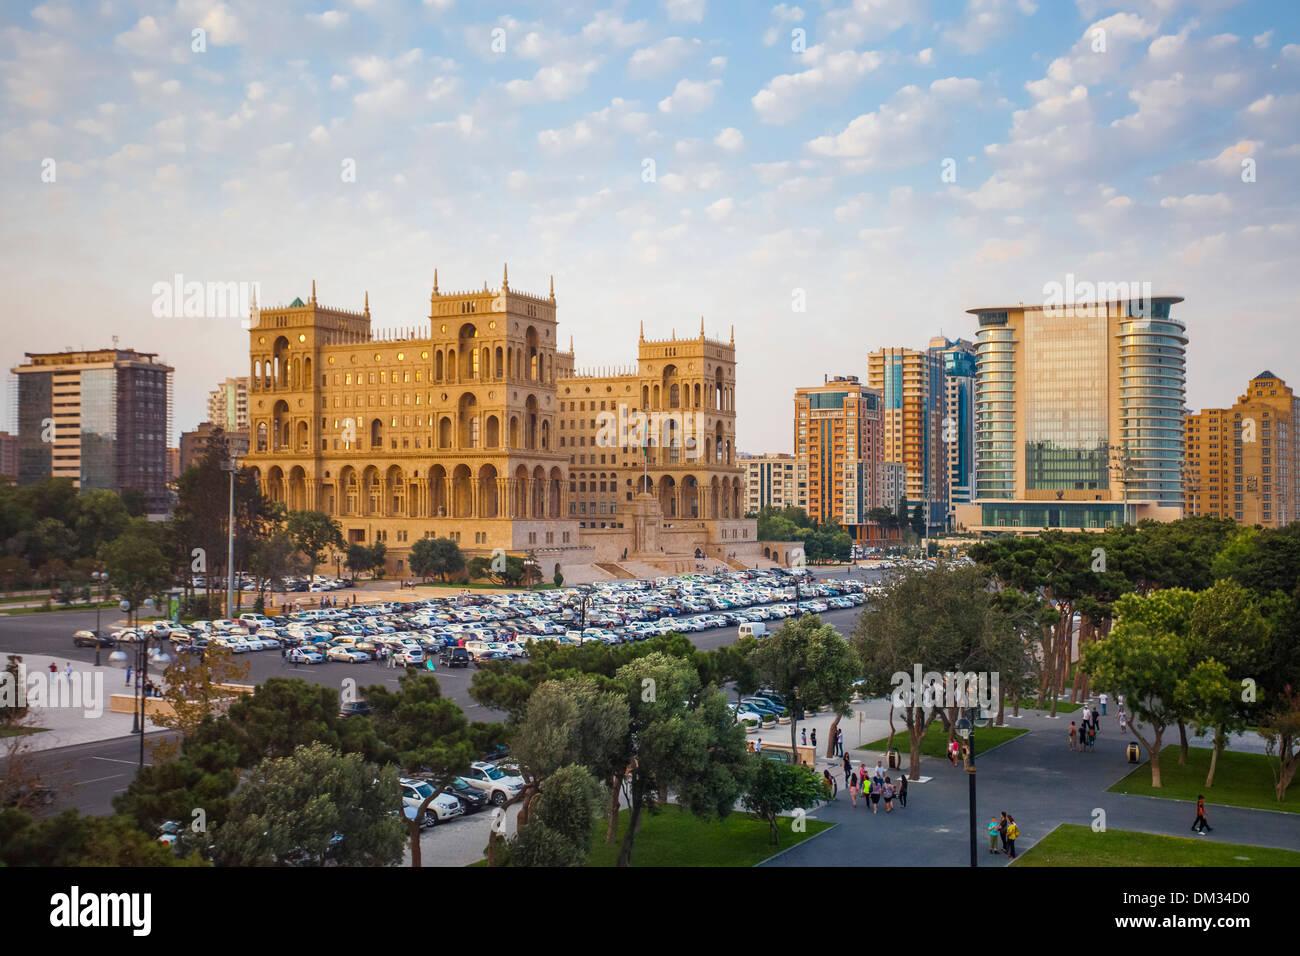 Aserbaidschan Kaukasus Eurasia Baku Regierung Verwaltung Architektur Avenue City Innenstadt Haus Park Skyline Sonnenuntergang Reisen Stockbild